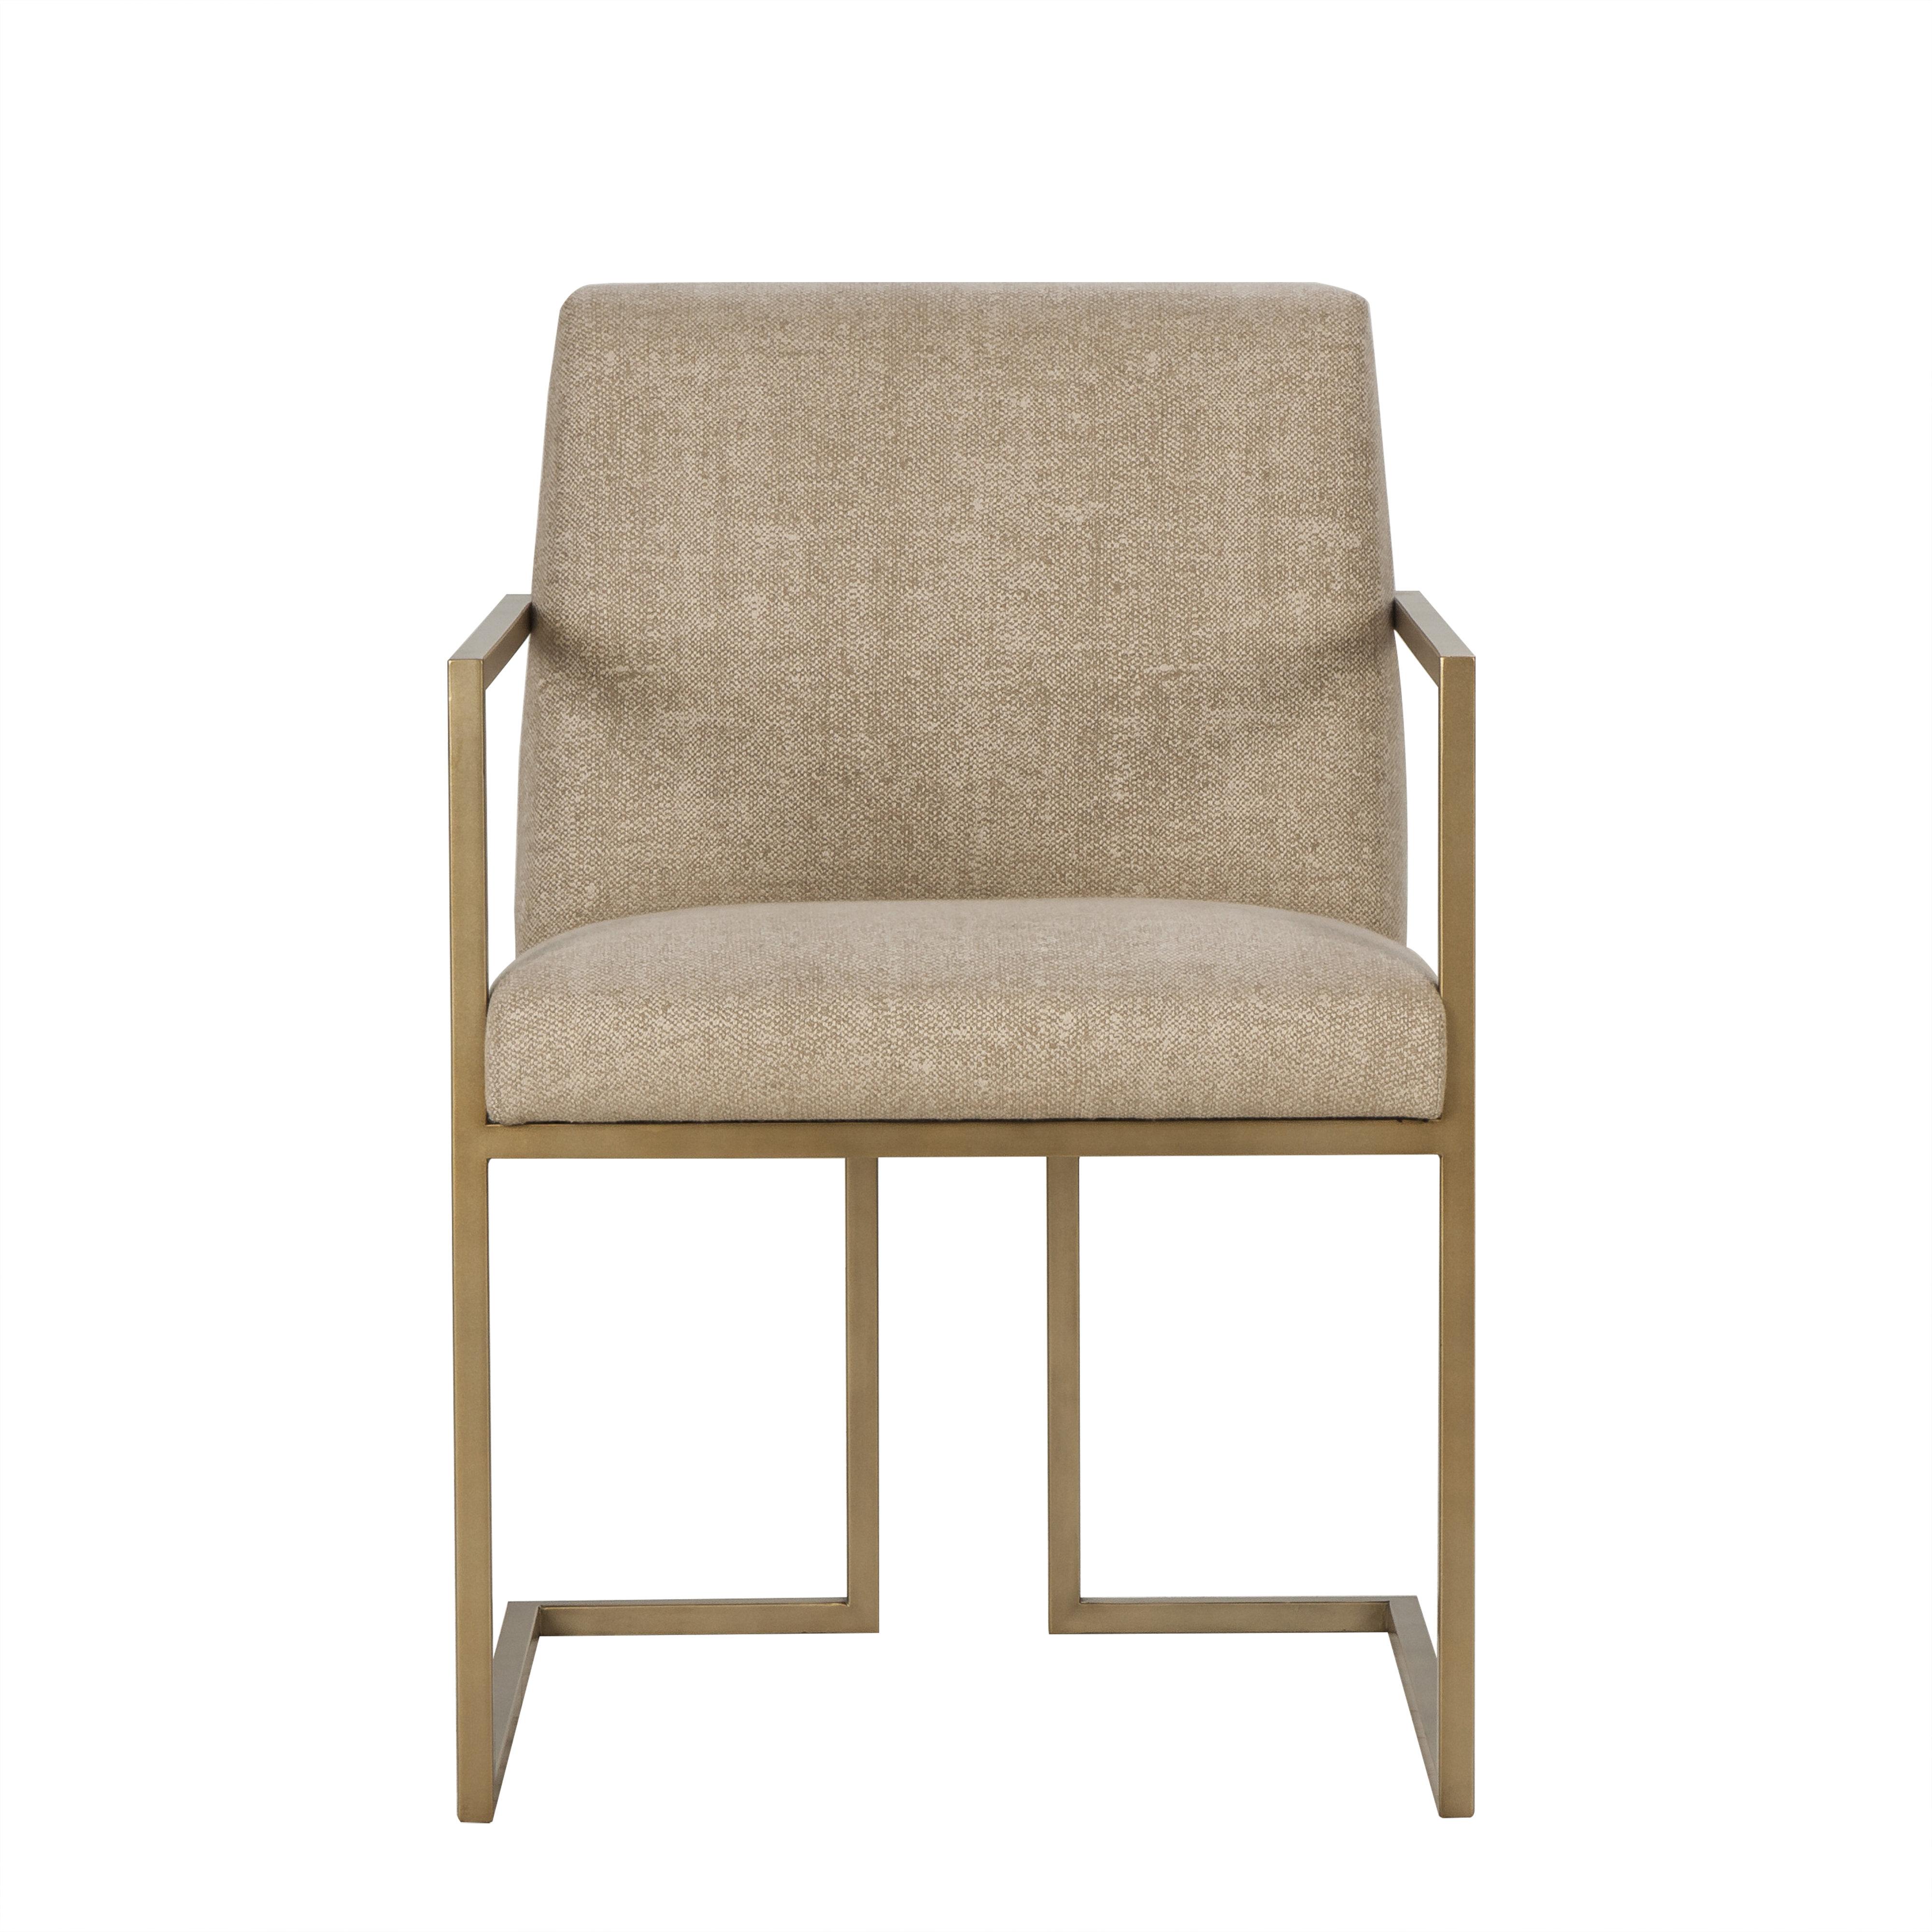 Everly Quinn Nolanville Upholstered Dining Chair Wayfair